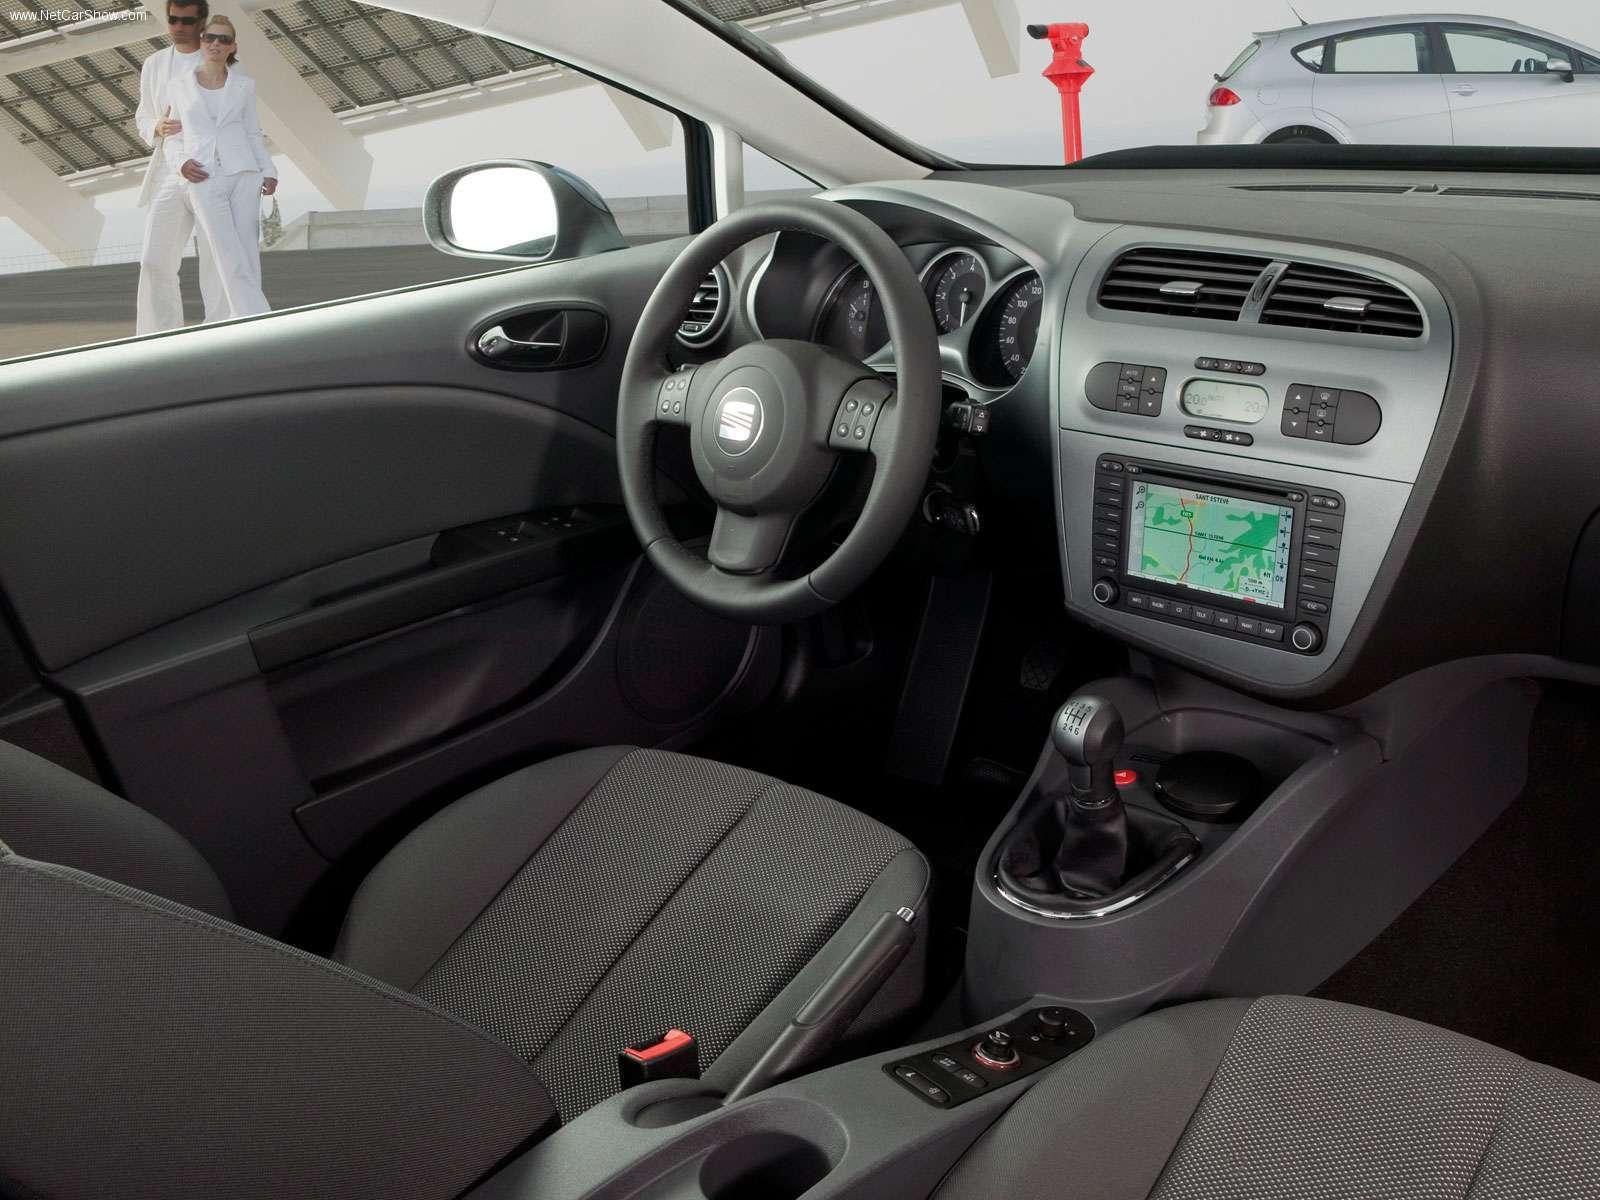 3dtuning of seat leon 5 door hatchback 2006 unique on line car configurator for. Black Bedroom Furniture Sets. Home Design Ideas